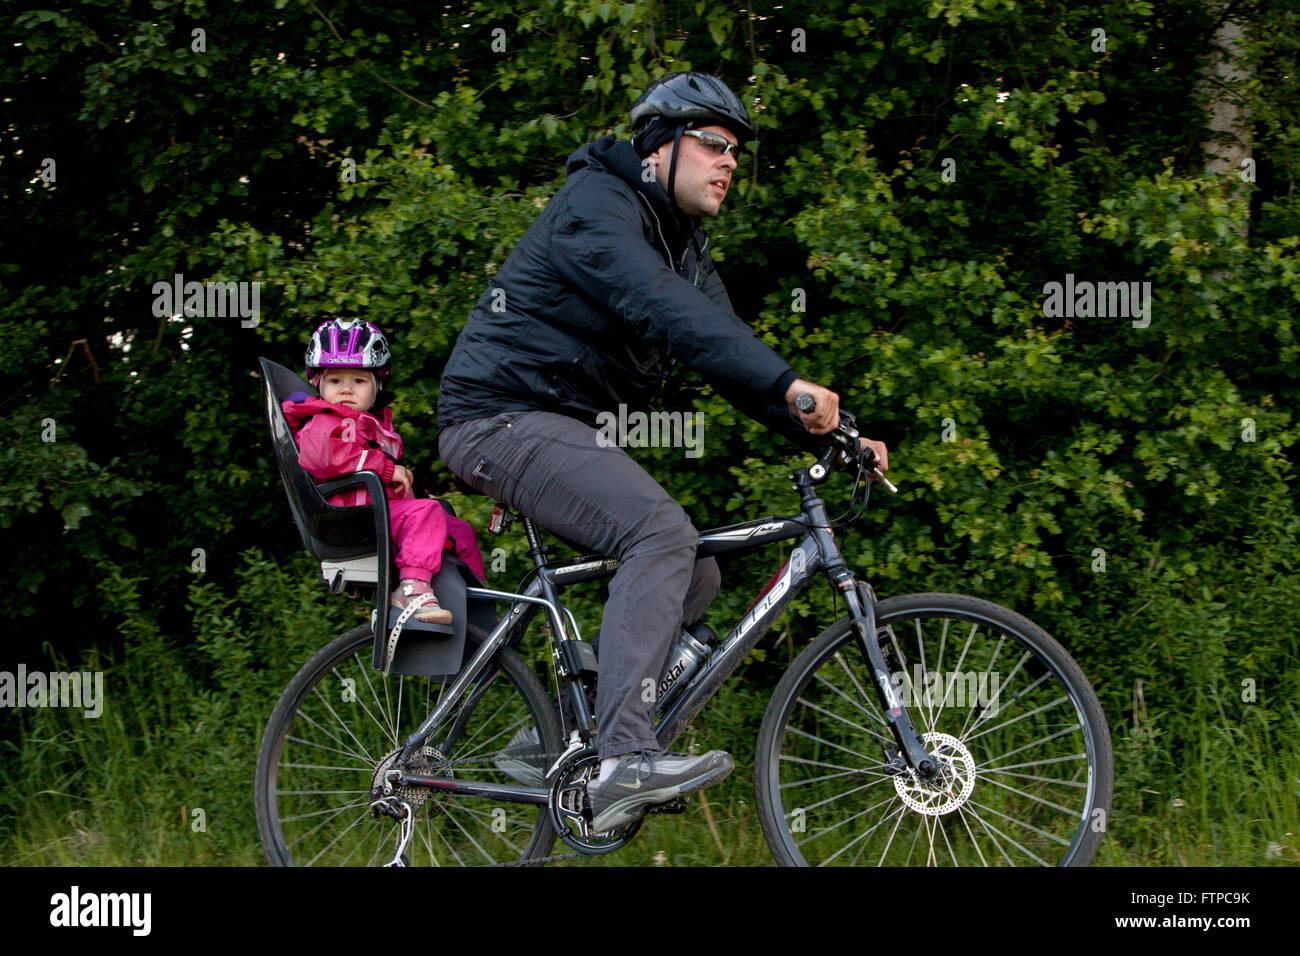 Padre en bicicleta con su hija en una bicicleta infantil asiento en un viaje Imagen De Stock